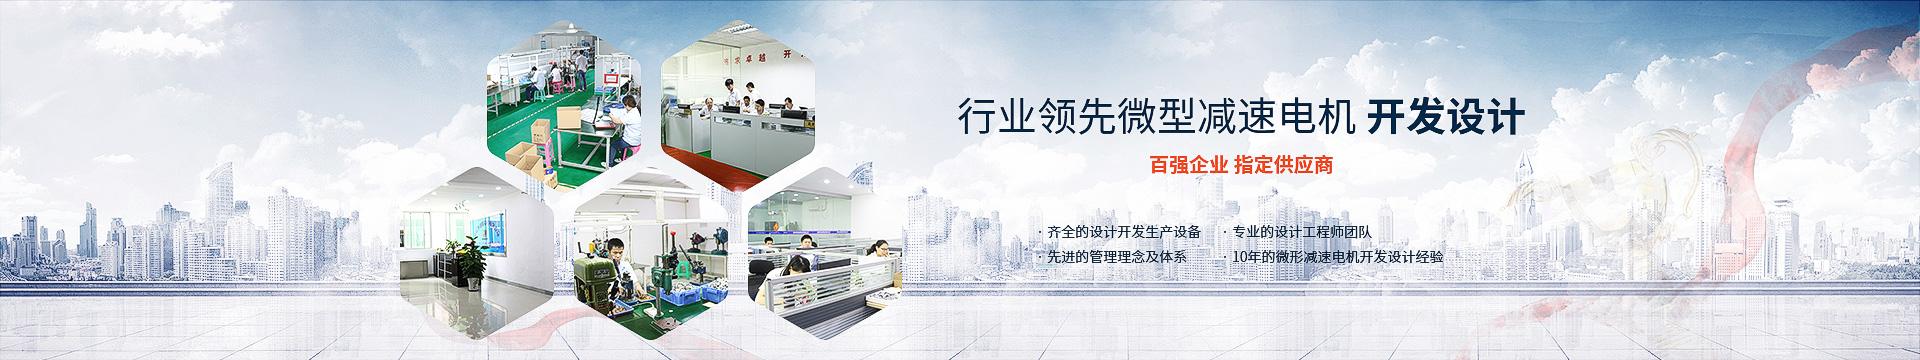 关于huang家88平台注册